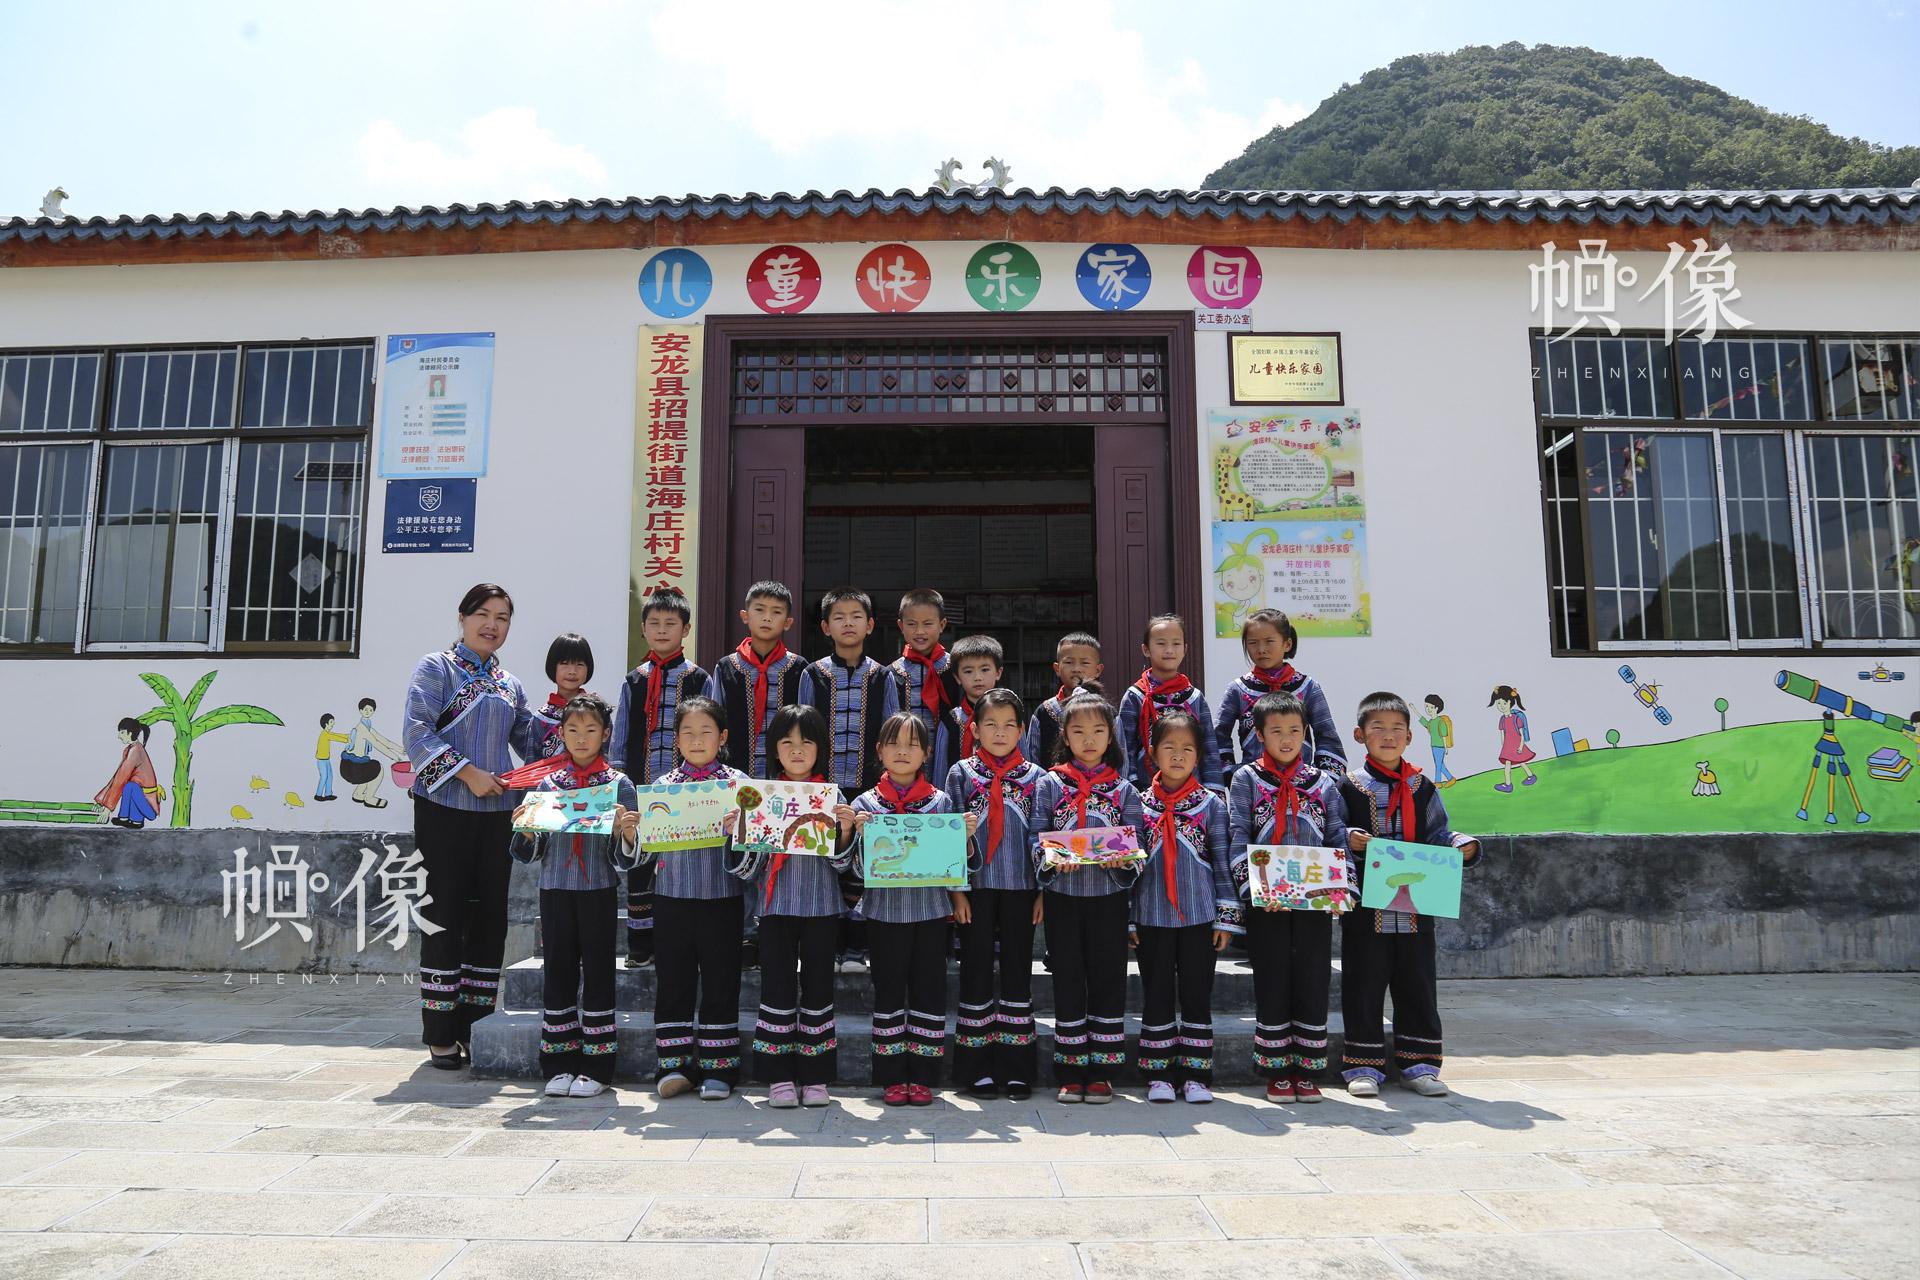 """余梅老师与罗天梁等留守儿童在""""儿童快乐家园""""合影。余梅说,""""这些孩子缺的是那份爱,希望更多的人来关心他们,来爱他们,给他们温暖。""""据安龙县妇联主席戴江介绍,仅安龙县三个""""儿童快乐家园""""的留守儿童就有536个。中国网记者 黄富友 摄"""